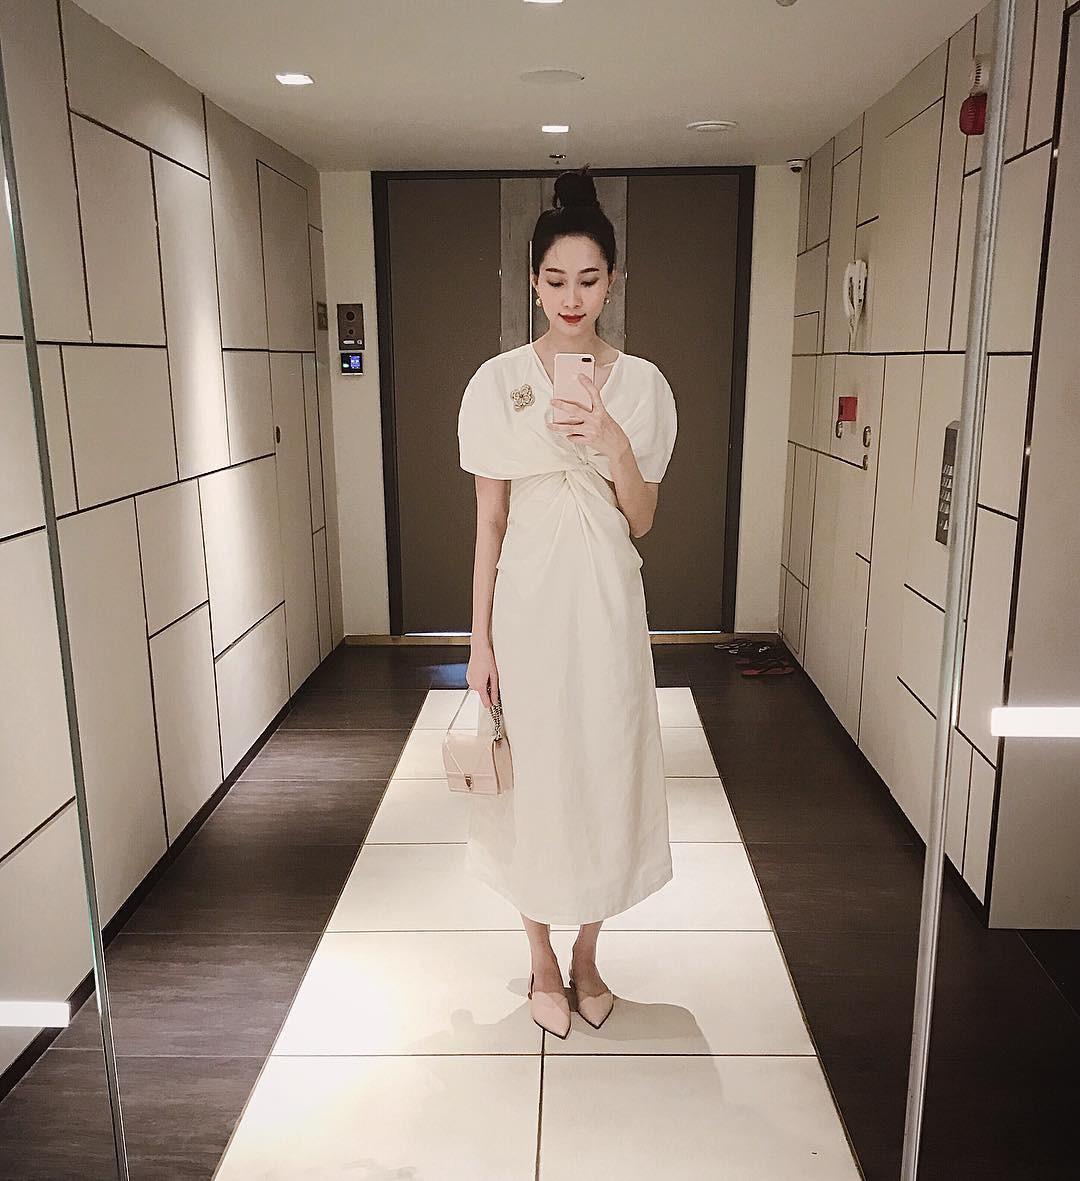 Ăn mặc sành điệu là phải chọn chuẩn từ giày dép: 5 gợi ý từ sao Việt giúp bạn hoàn thiện tủ giày 100% thời thượng - Ảnh 5.